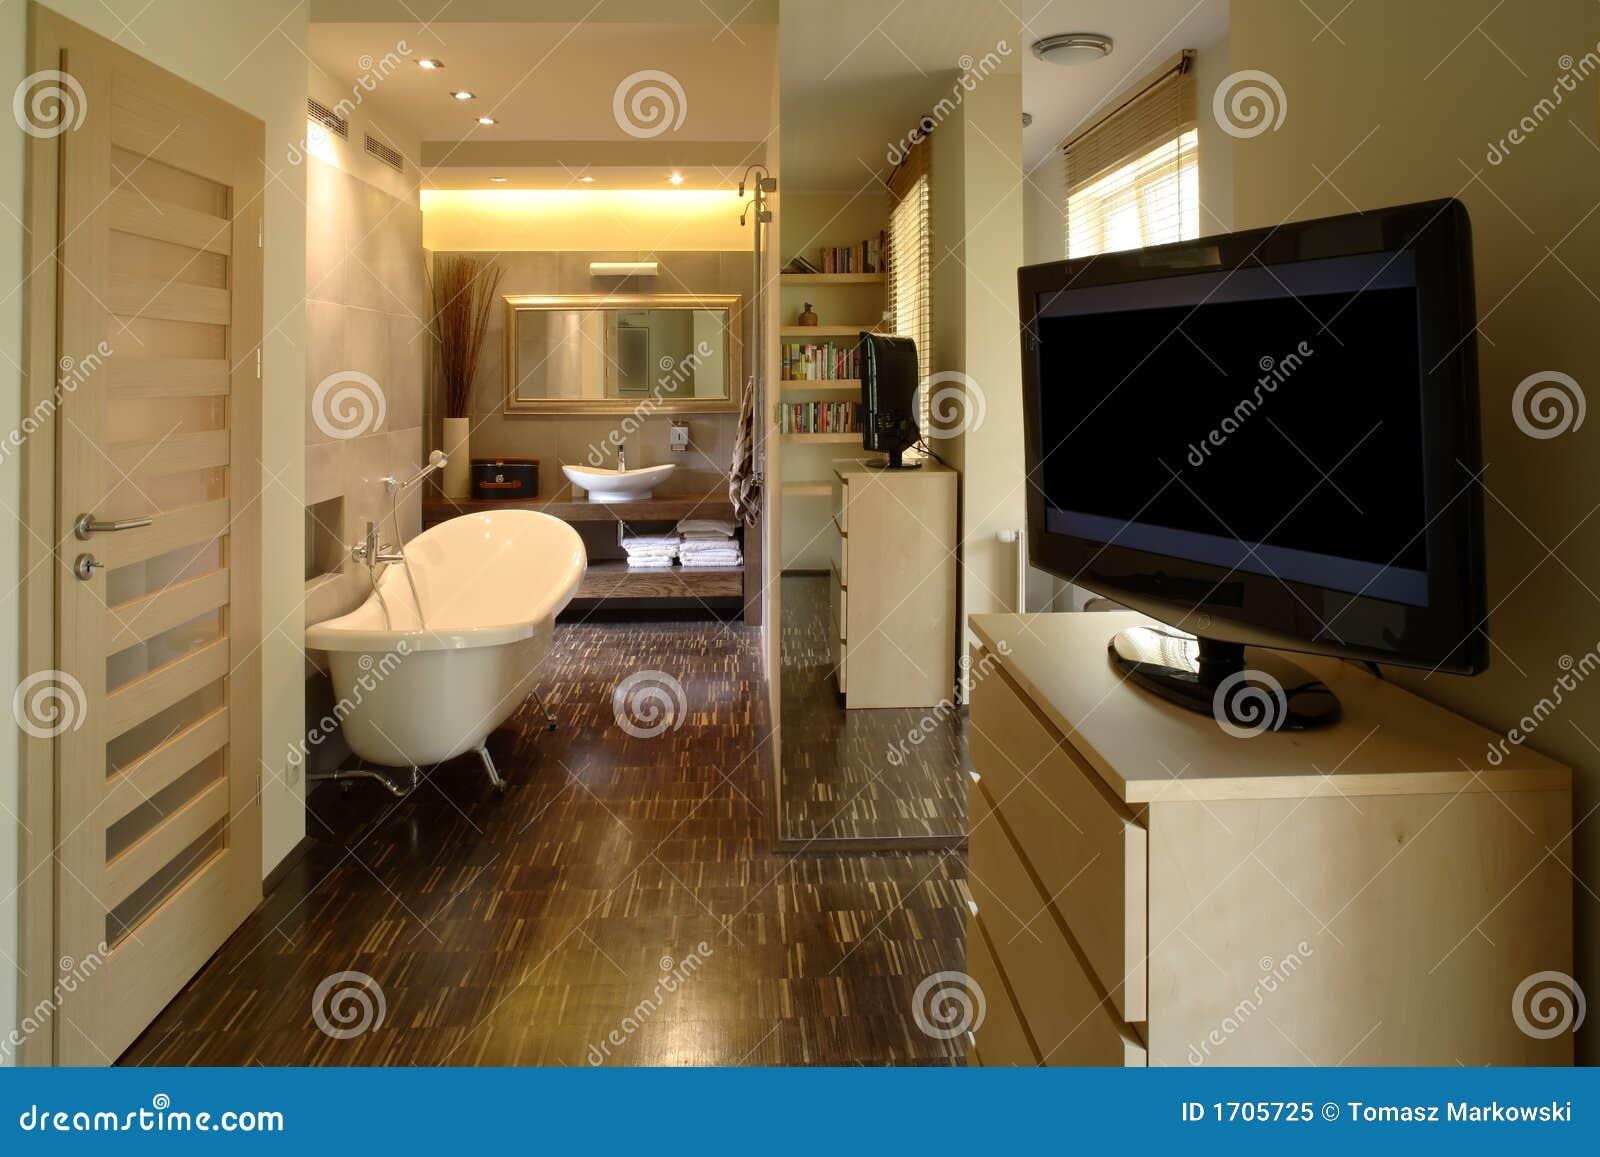 Quarto E Banheiro Do Apartamento Luxuoso Foto de Stock Royalty Free  Imagem -> Banheiro Pequeno E Luxuoso